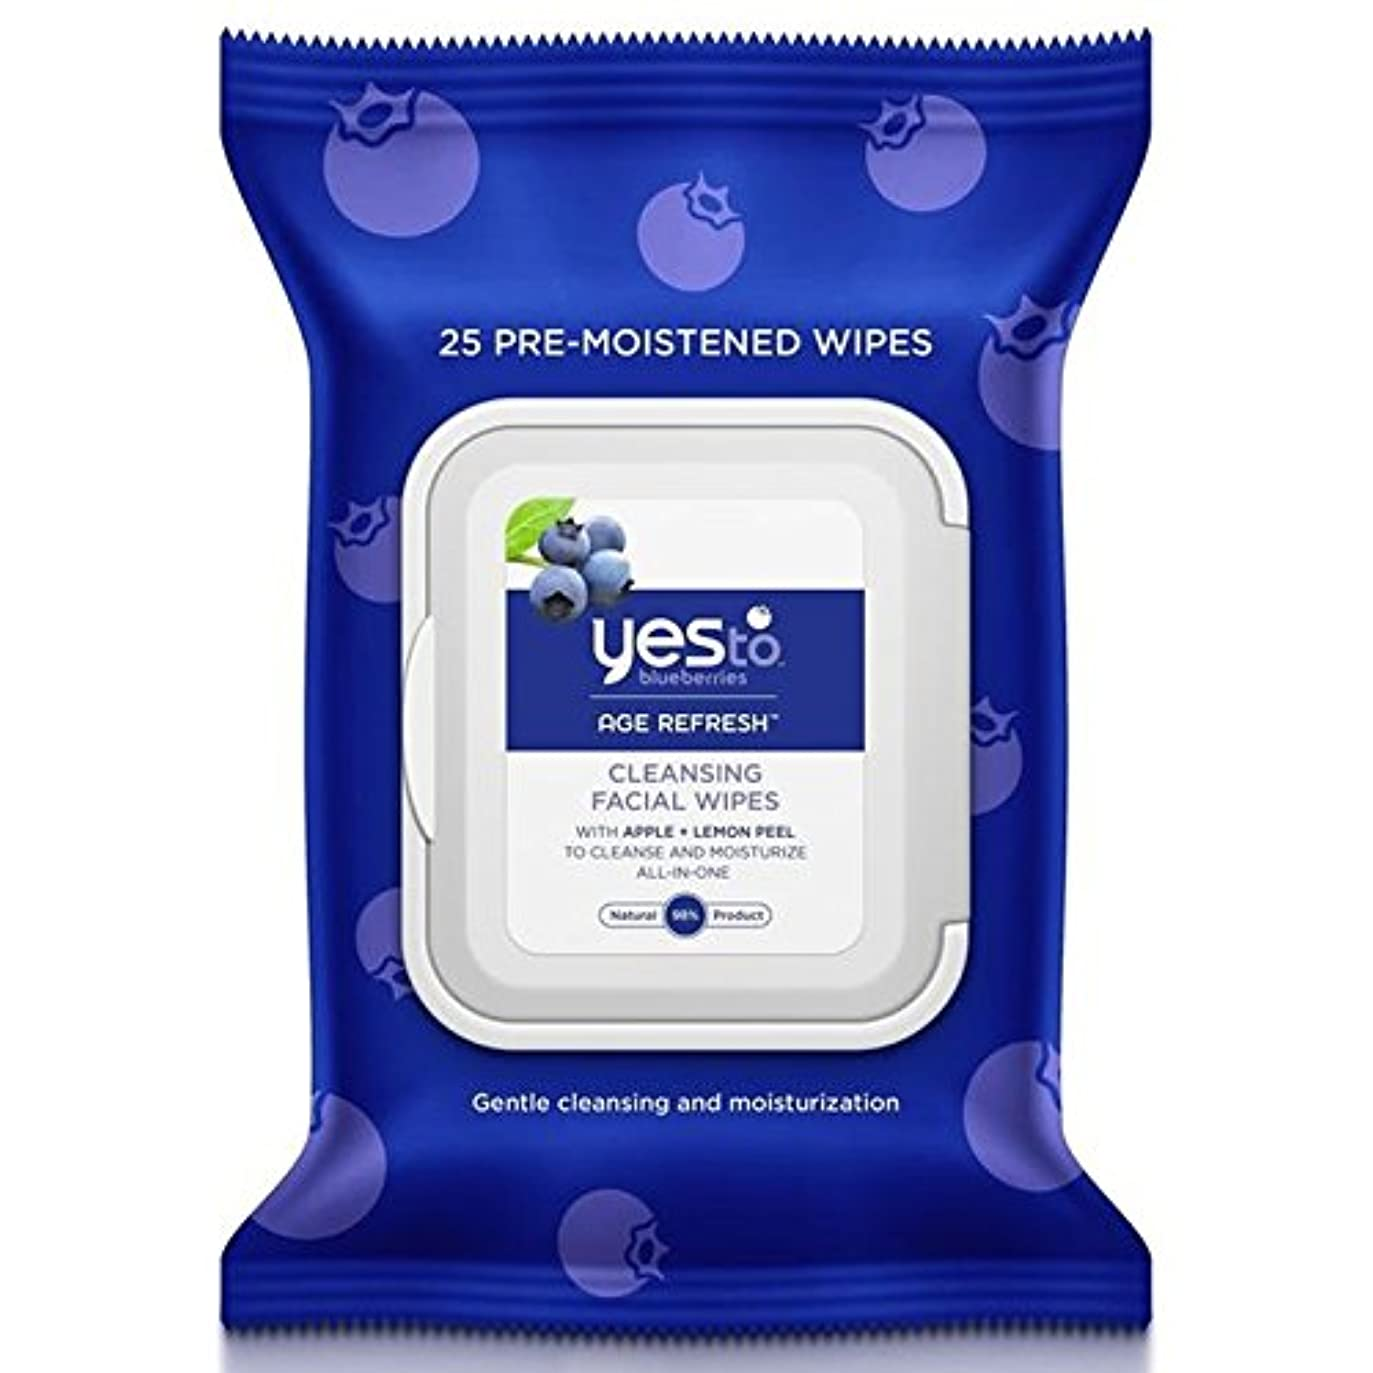 スペア波引退するはいブルーベリーにパックあたり25ワイプ x4 - Yes to Blueberries Wipes 25 per pack (Pack of 4) [並行輸入品]